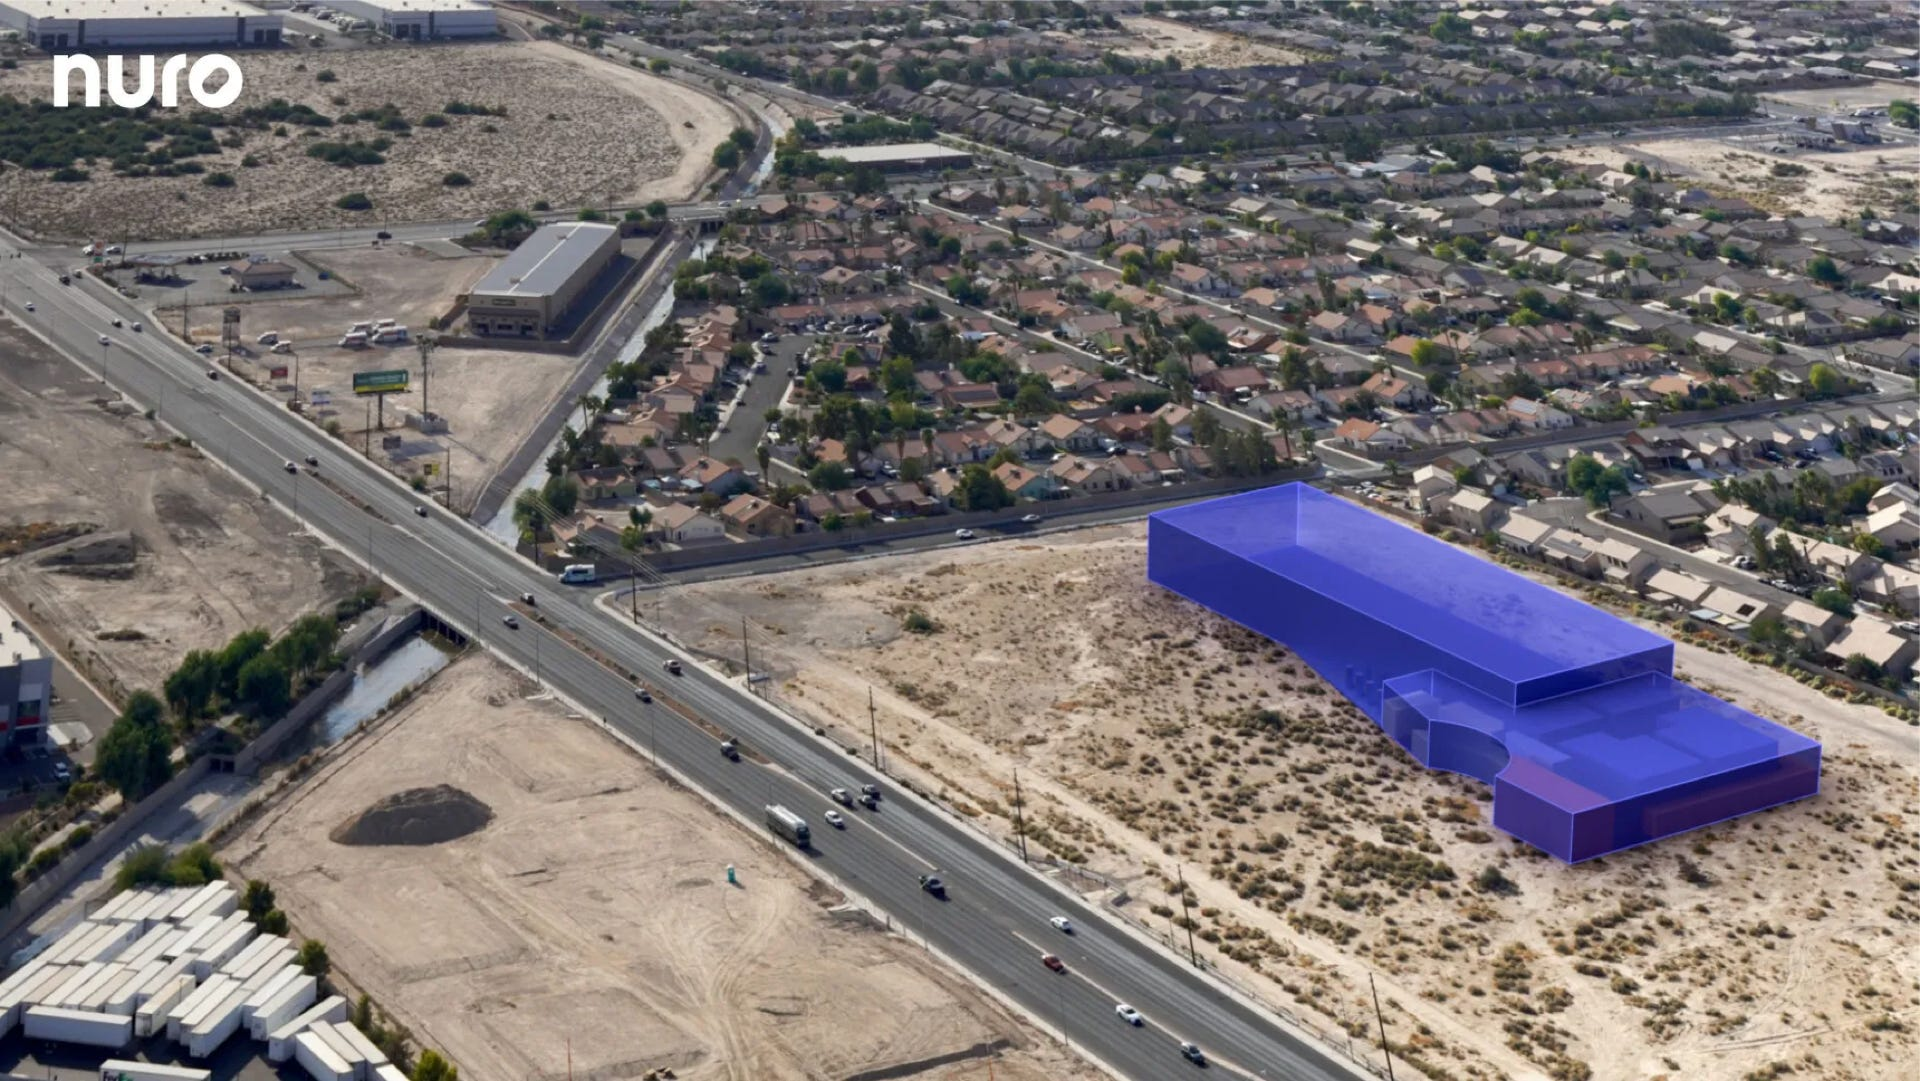 Nuro test site in Las Vegas